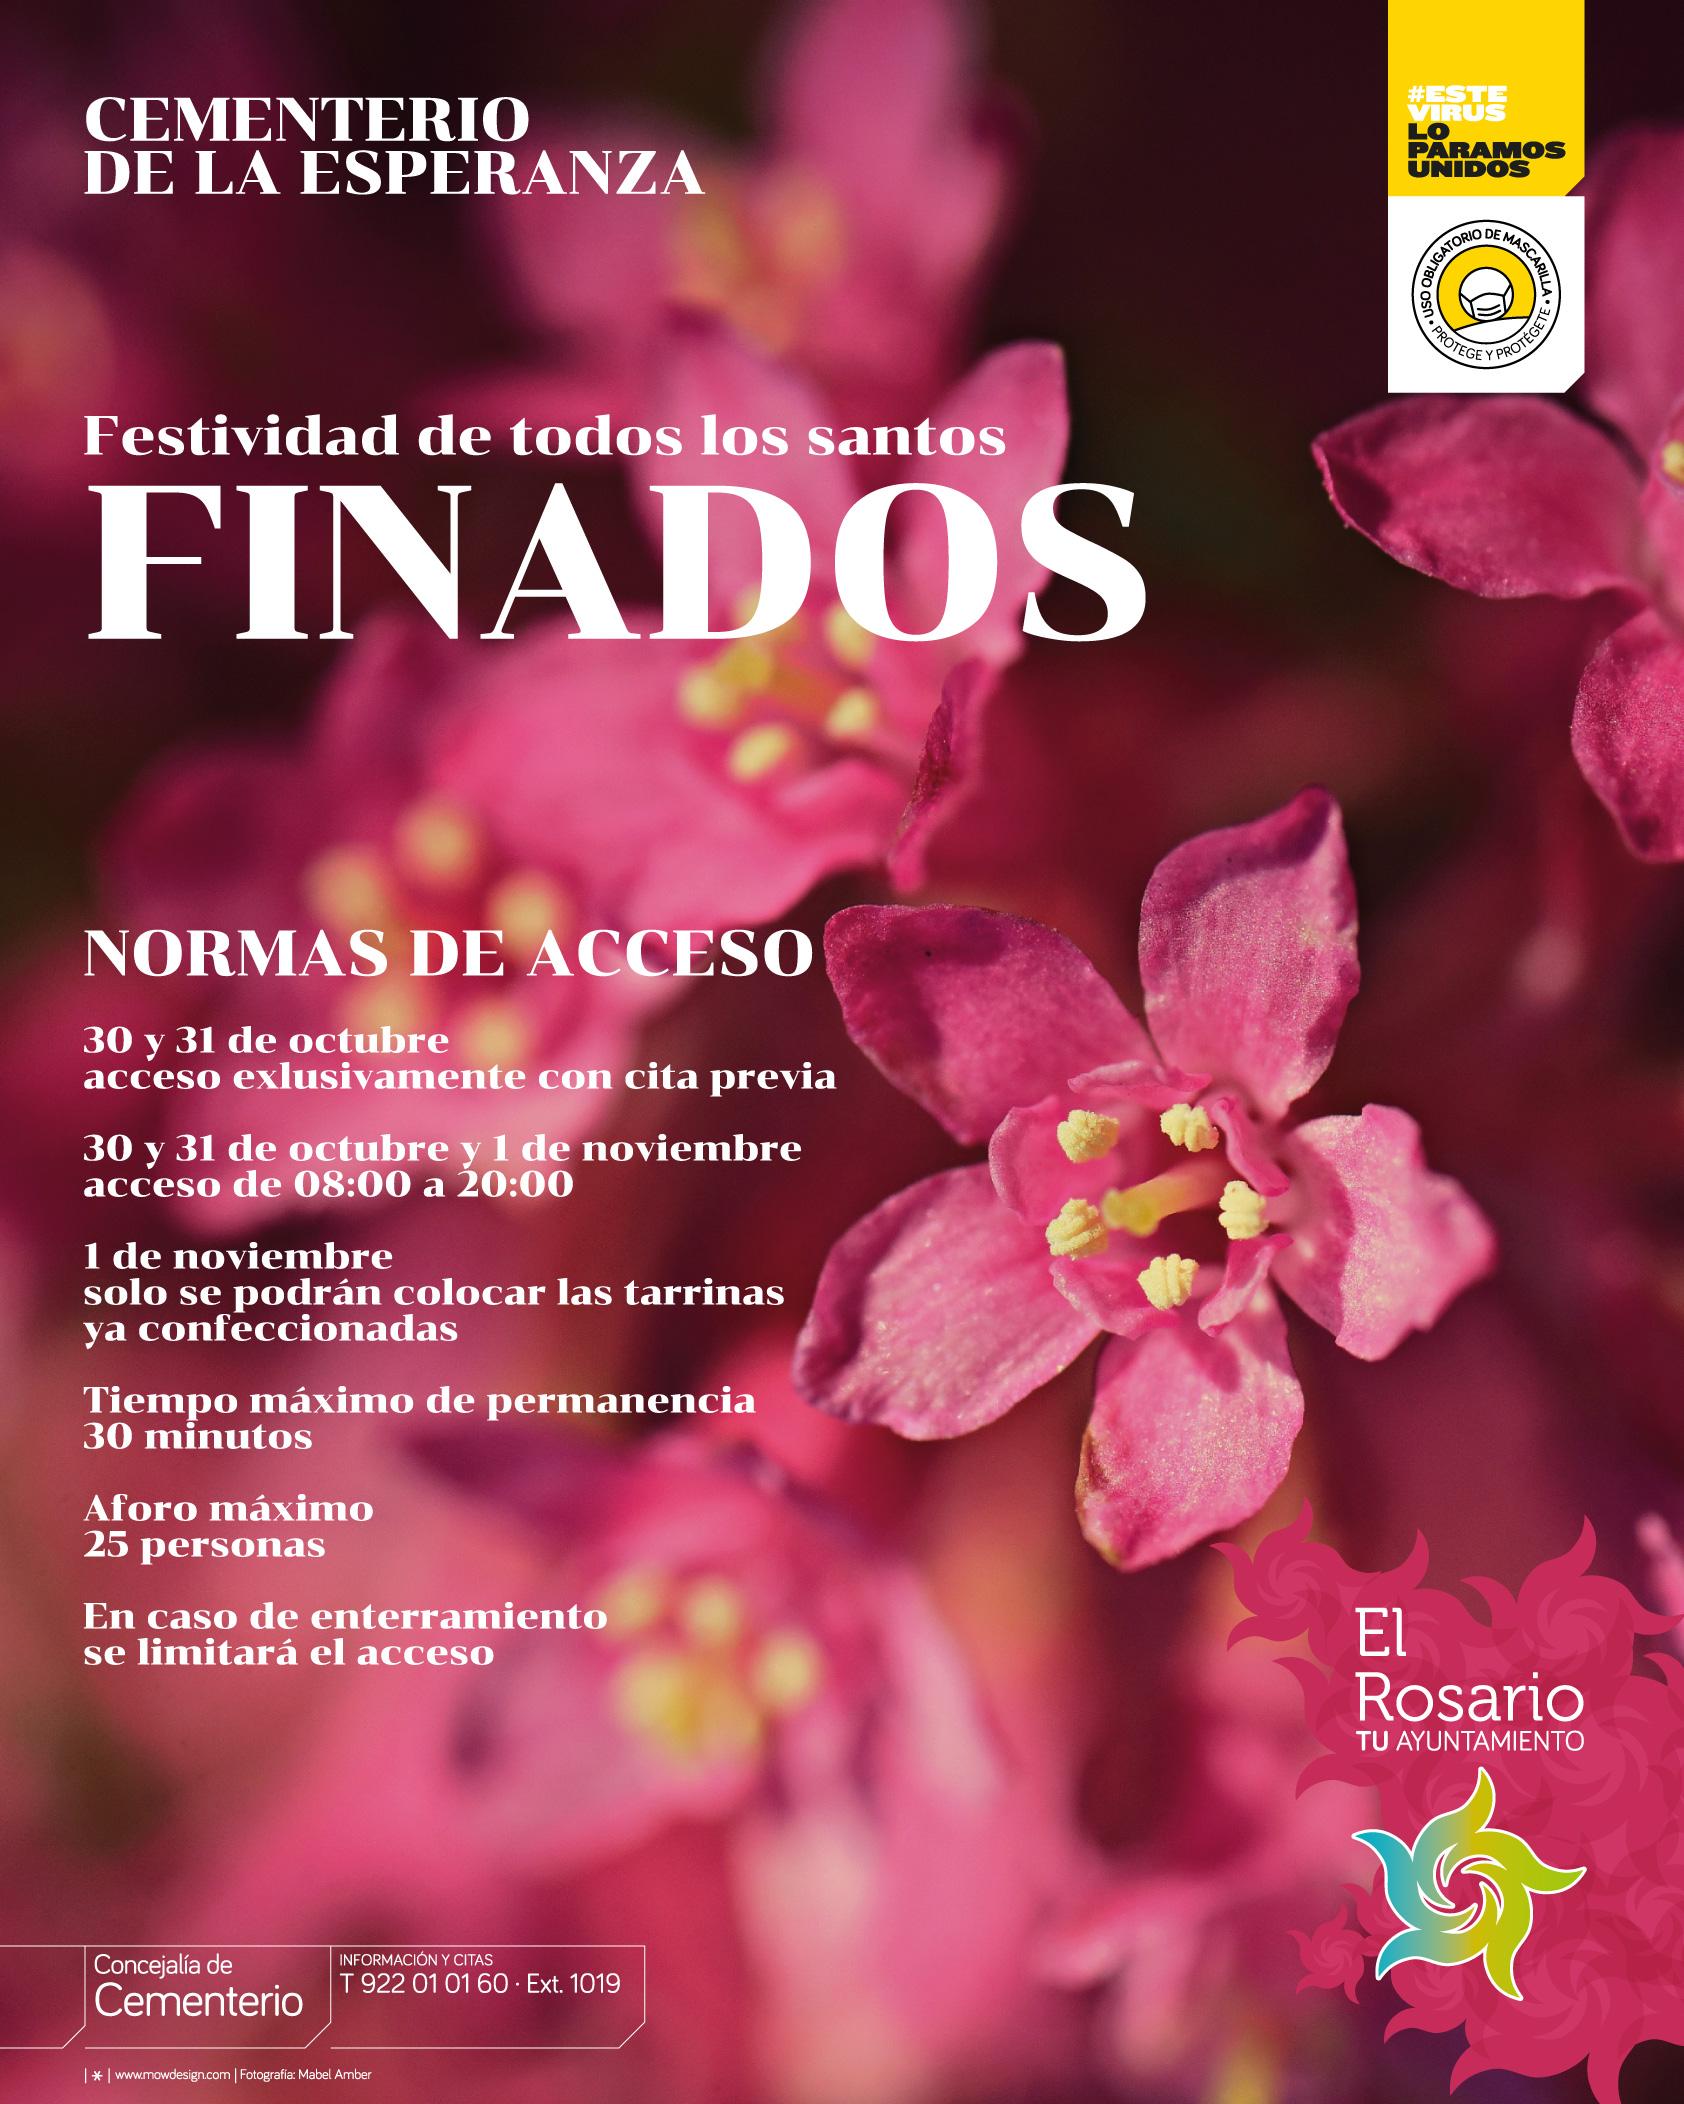 FINADOS-2020-20201000-CARTEL_A3-20201016-01af-redes